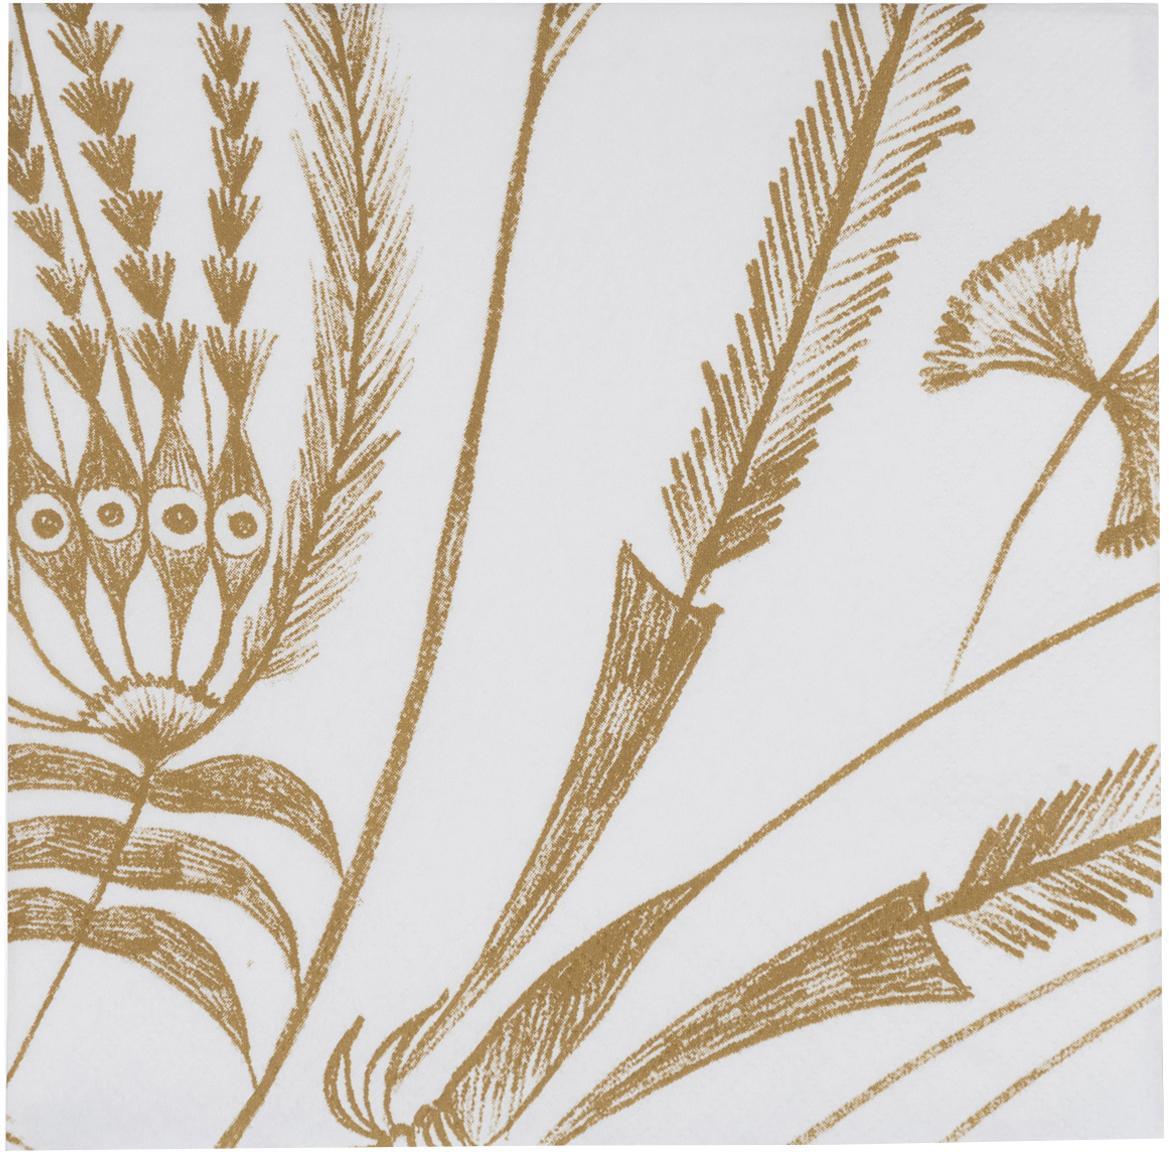 Servilletas de papel Bukit Jambul, 12uds., Papel, Blanco, marrón, An 33 x L 33 cm